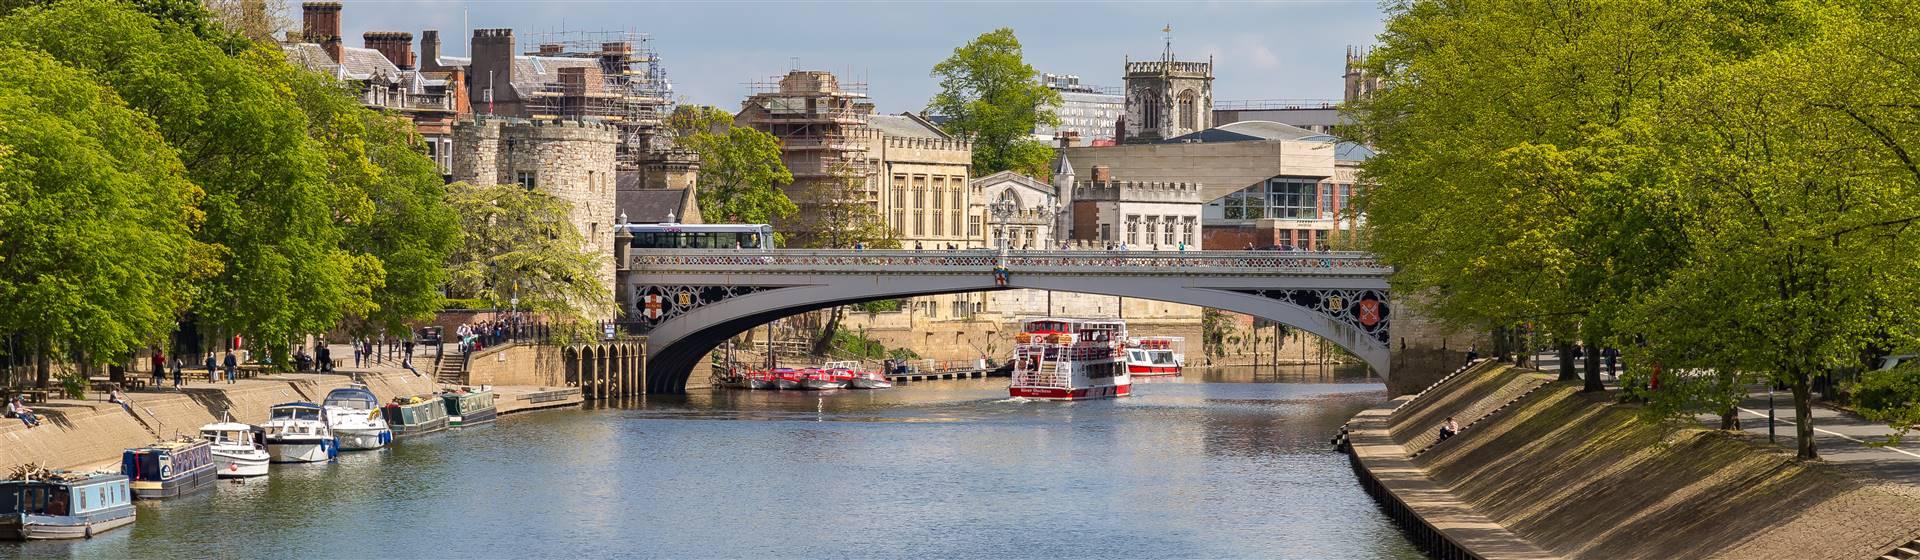 Harrogate & York (Doubletree Hilton Harrogate)